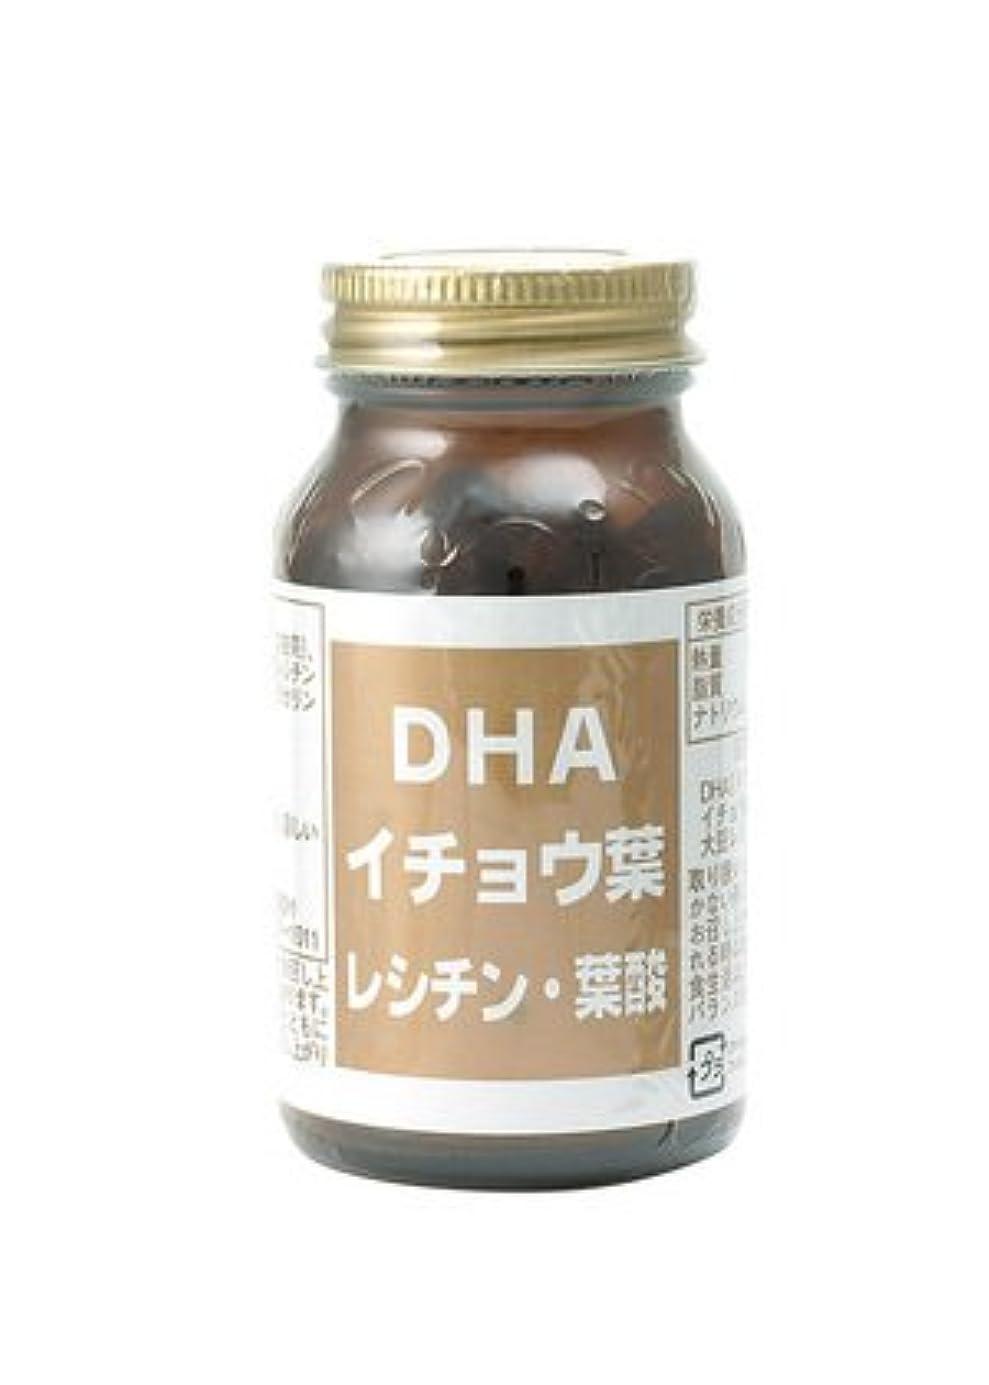 鼻コミュニティファンシーDHA イチョウ葉 大豆レシチン 葉酸 配合 DHA 56.4g